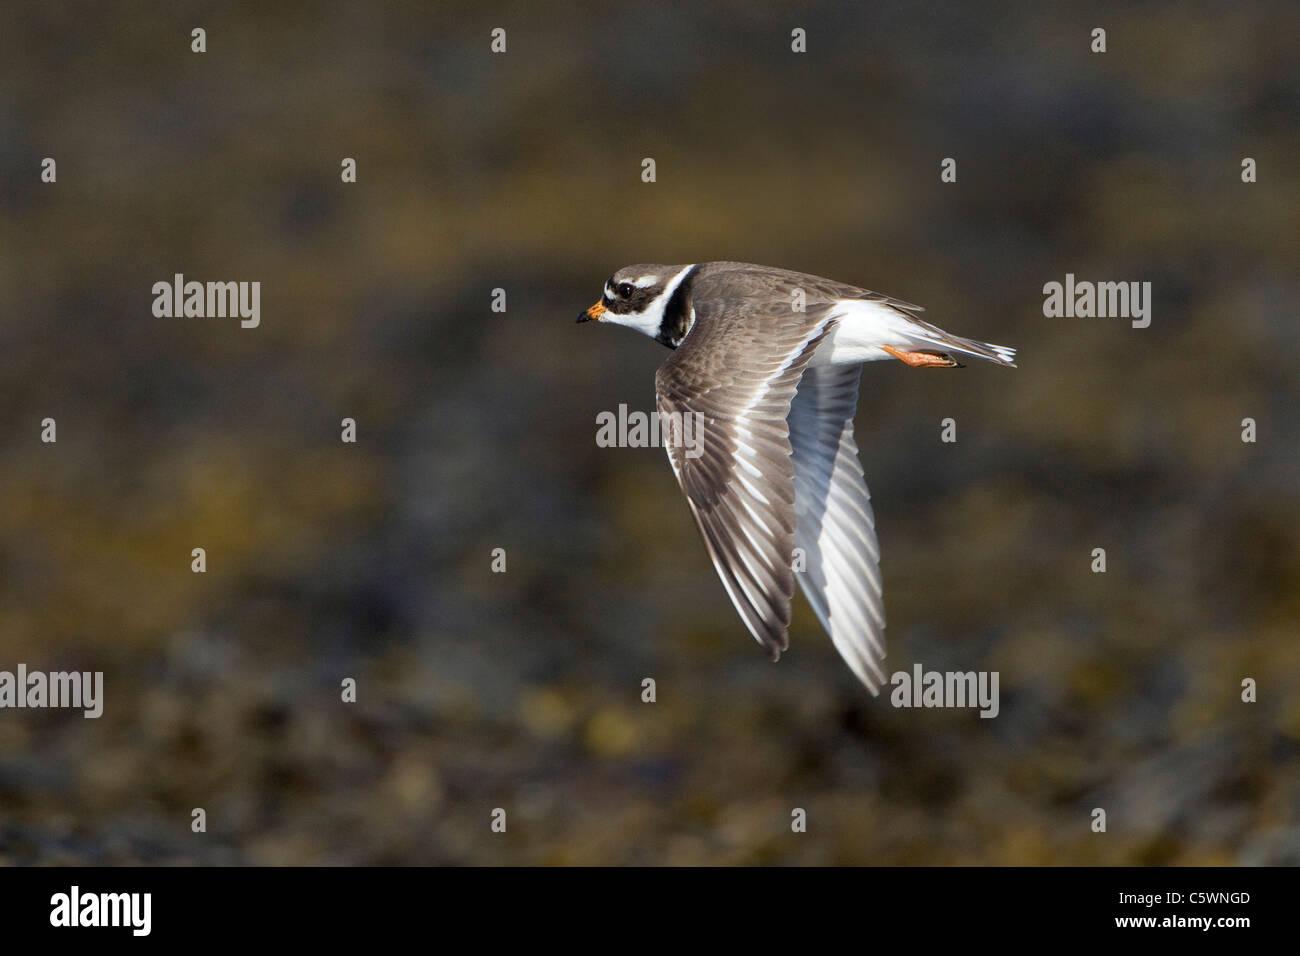 Callonetta Patinegro (Charadrius hiaticula), en el verano de plumaje adulto en vuelo. Islandia. Imagen De Stock